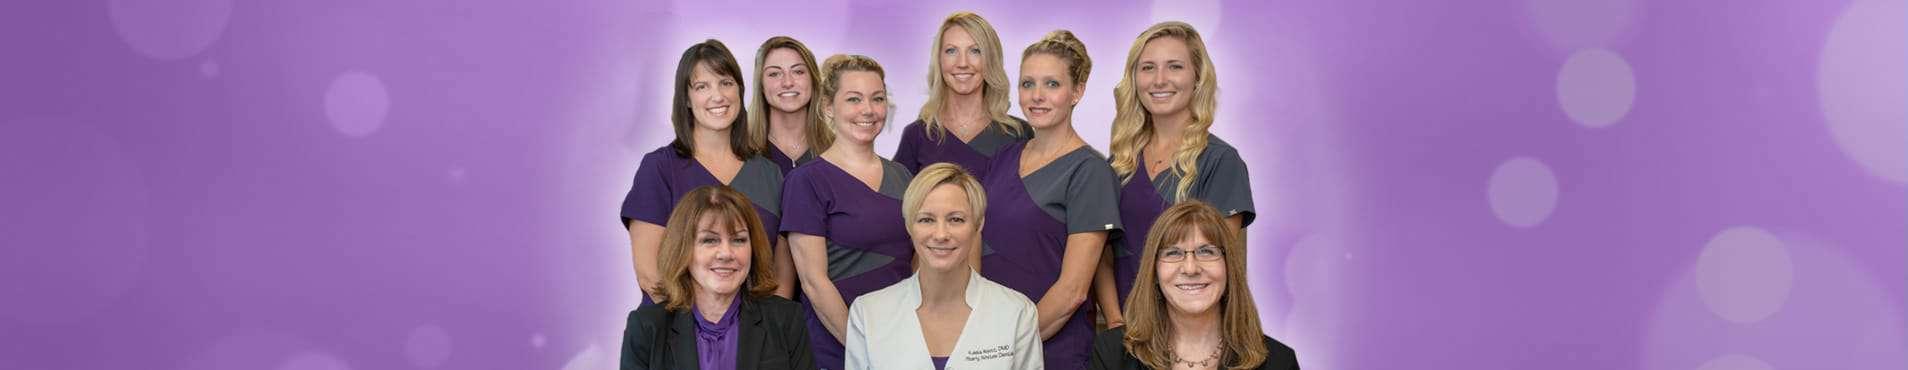 Dental Crowns Dentist Serving Fallsington